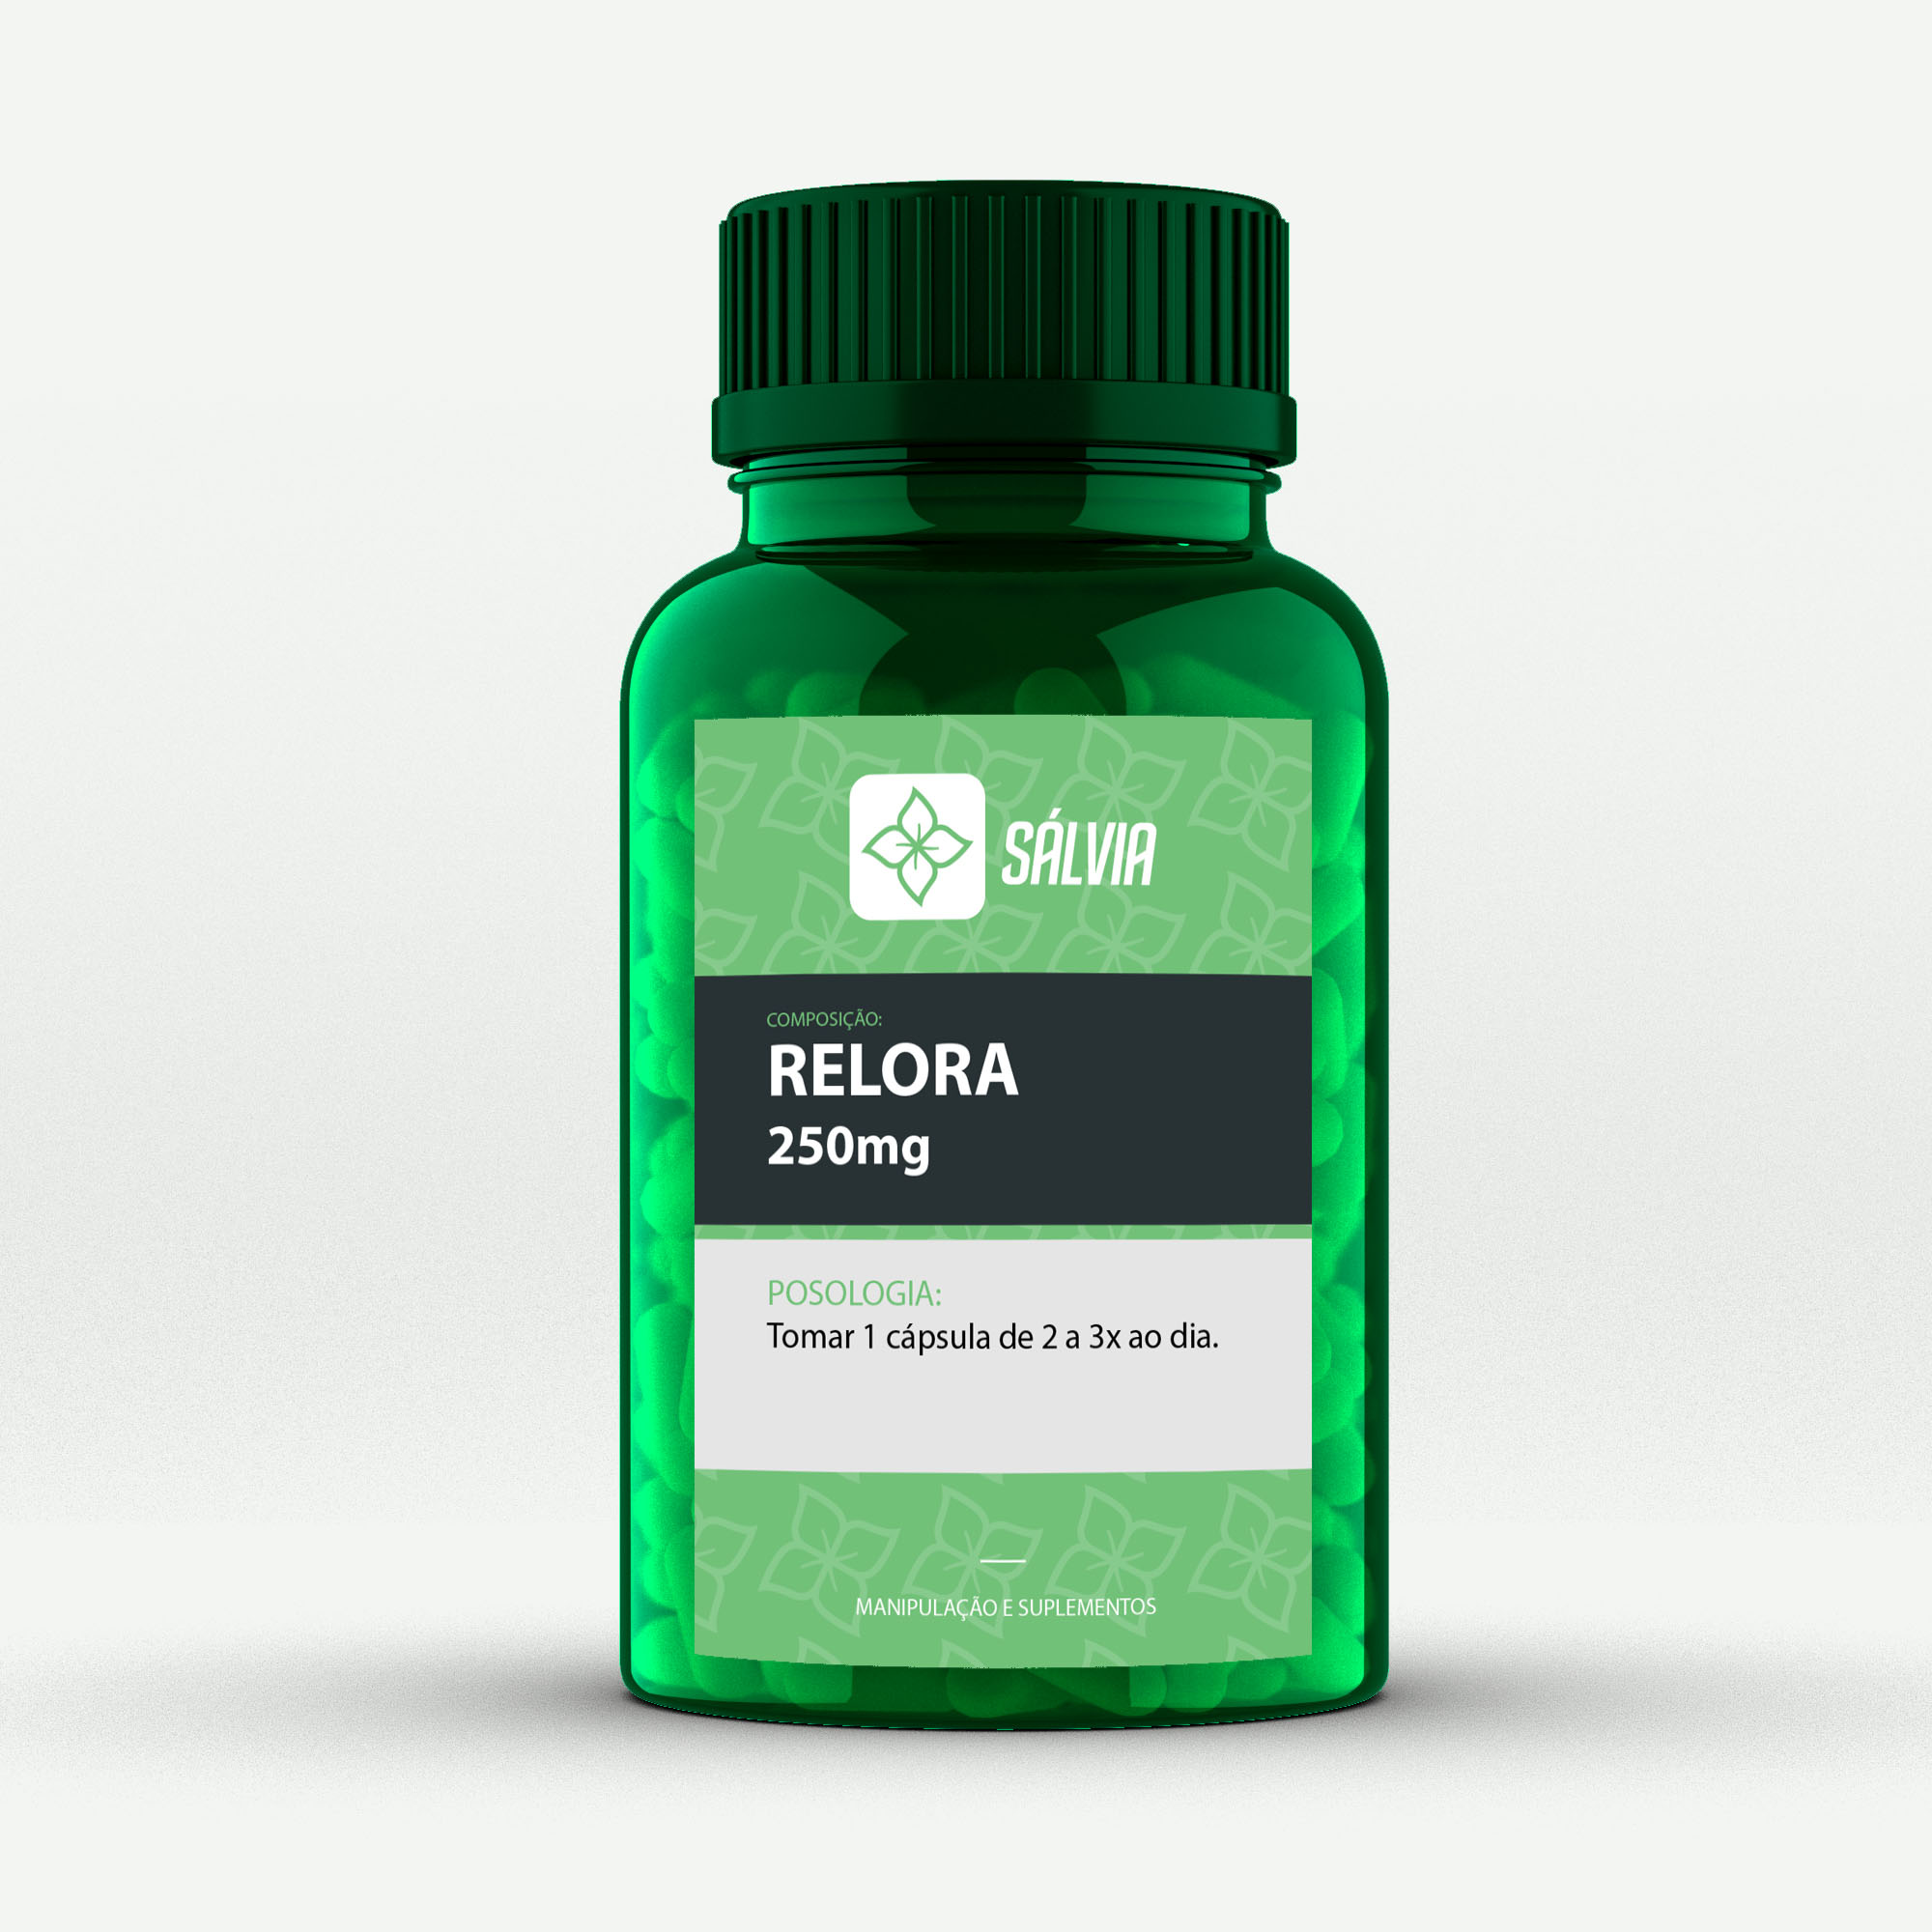 RELORA 250mg - Cápsulas